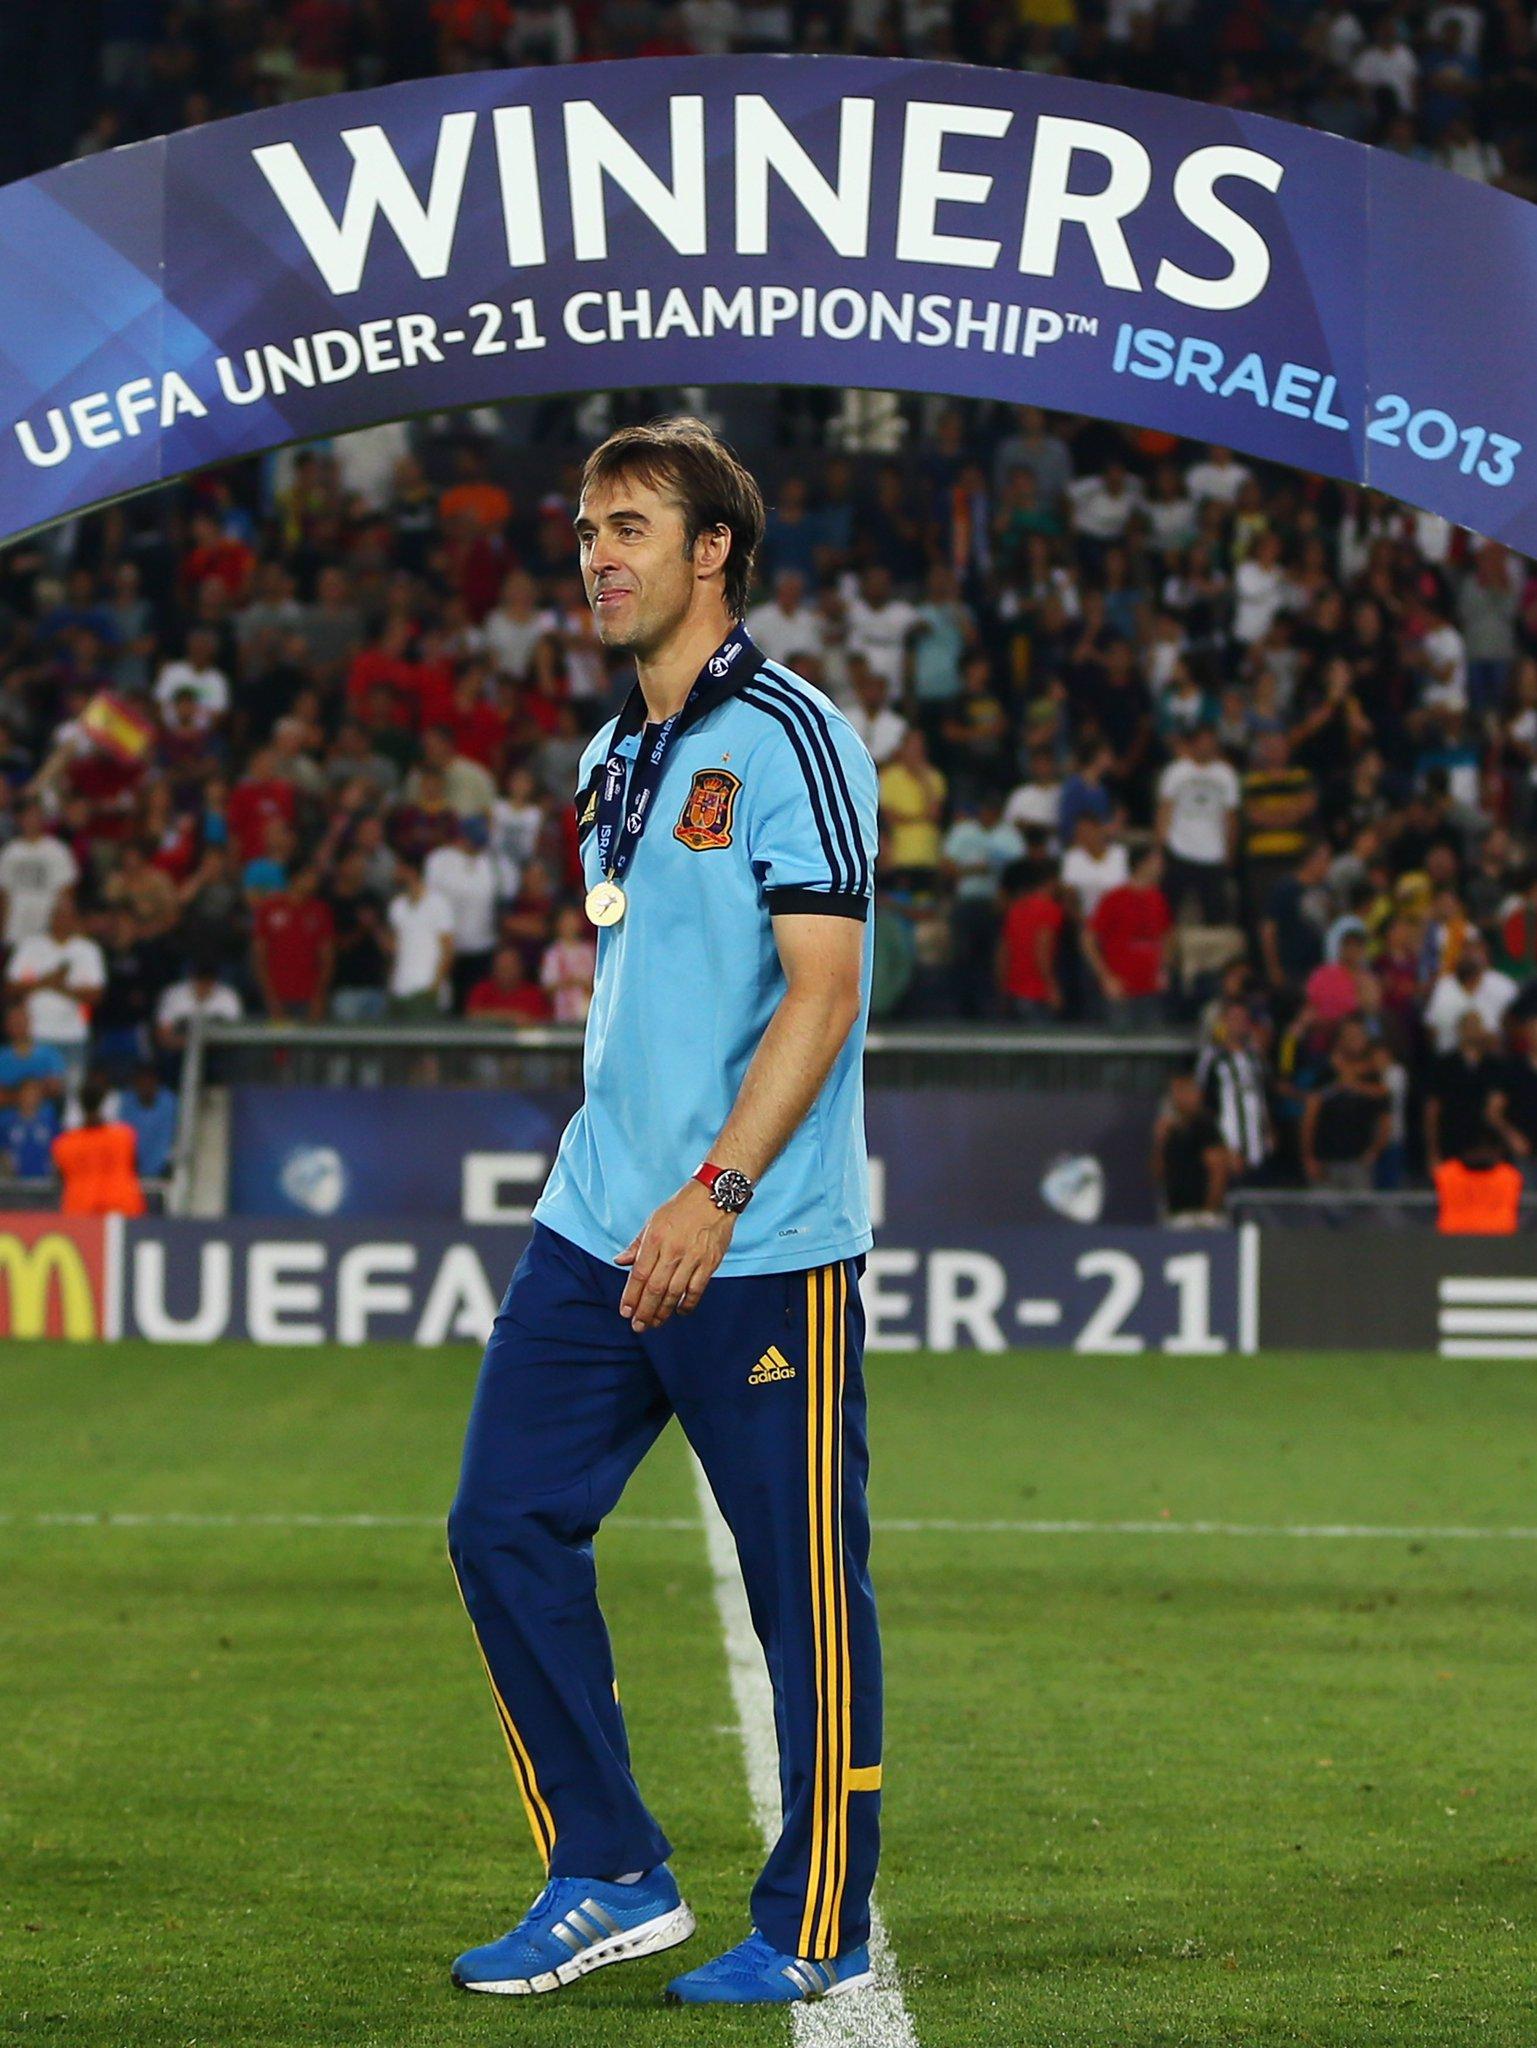 ���� Julen Lopetegui as Spain coach:  2012 #U19EURO �� 2013 #U21EURO �� 2018 World Cup? ��  #UCL https://t.co/yslDsstzOF